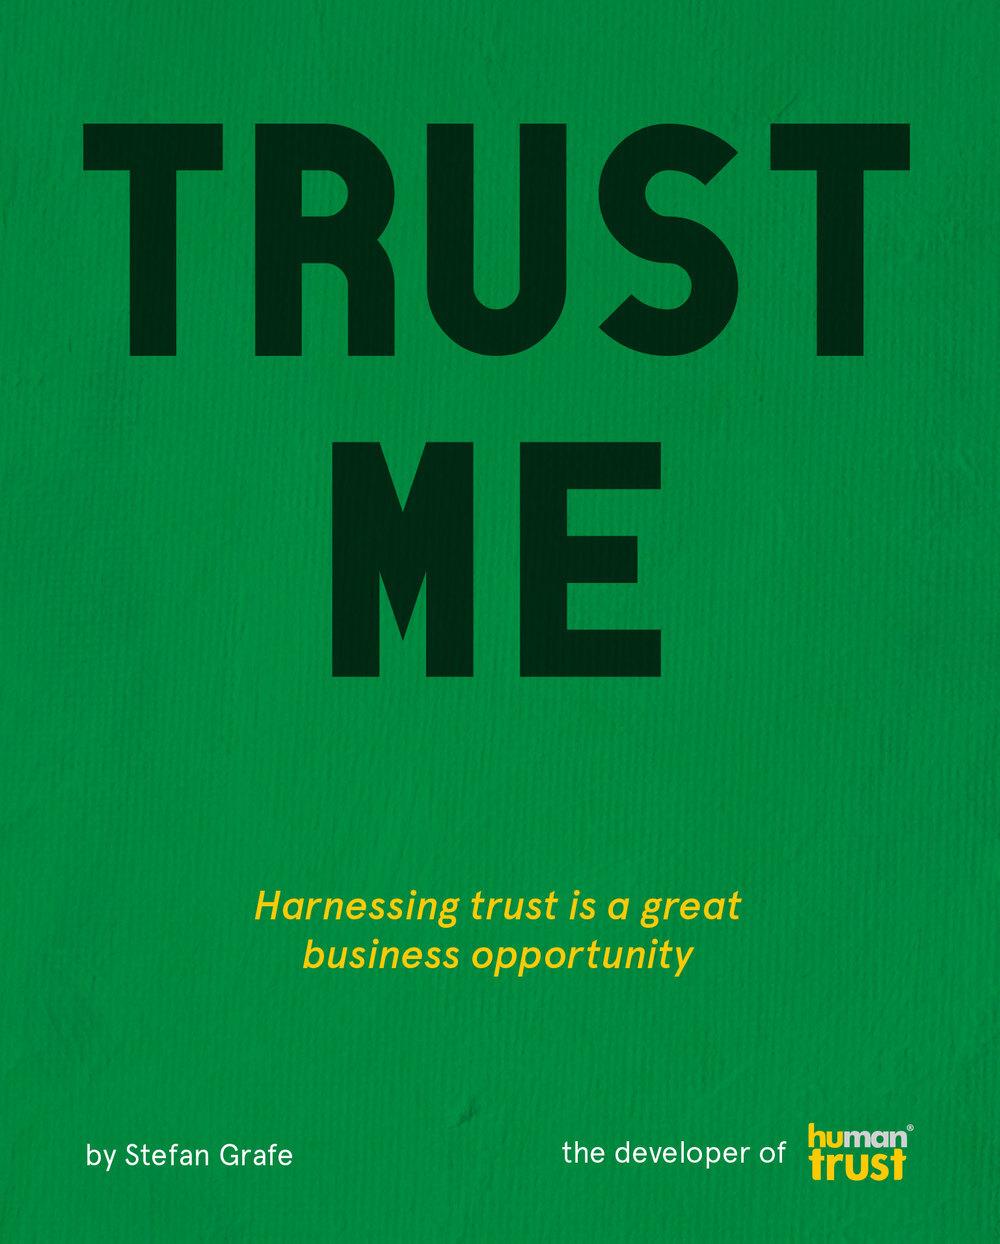 TRUST-ME-NEW-COVER-04.jpg